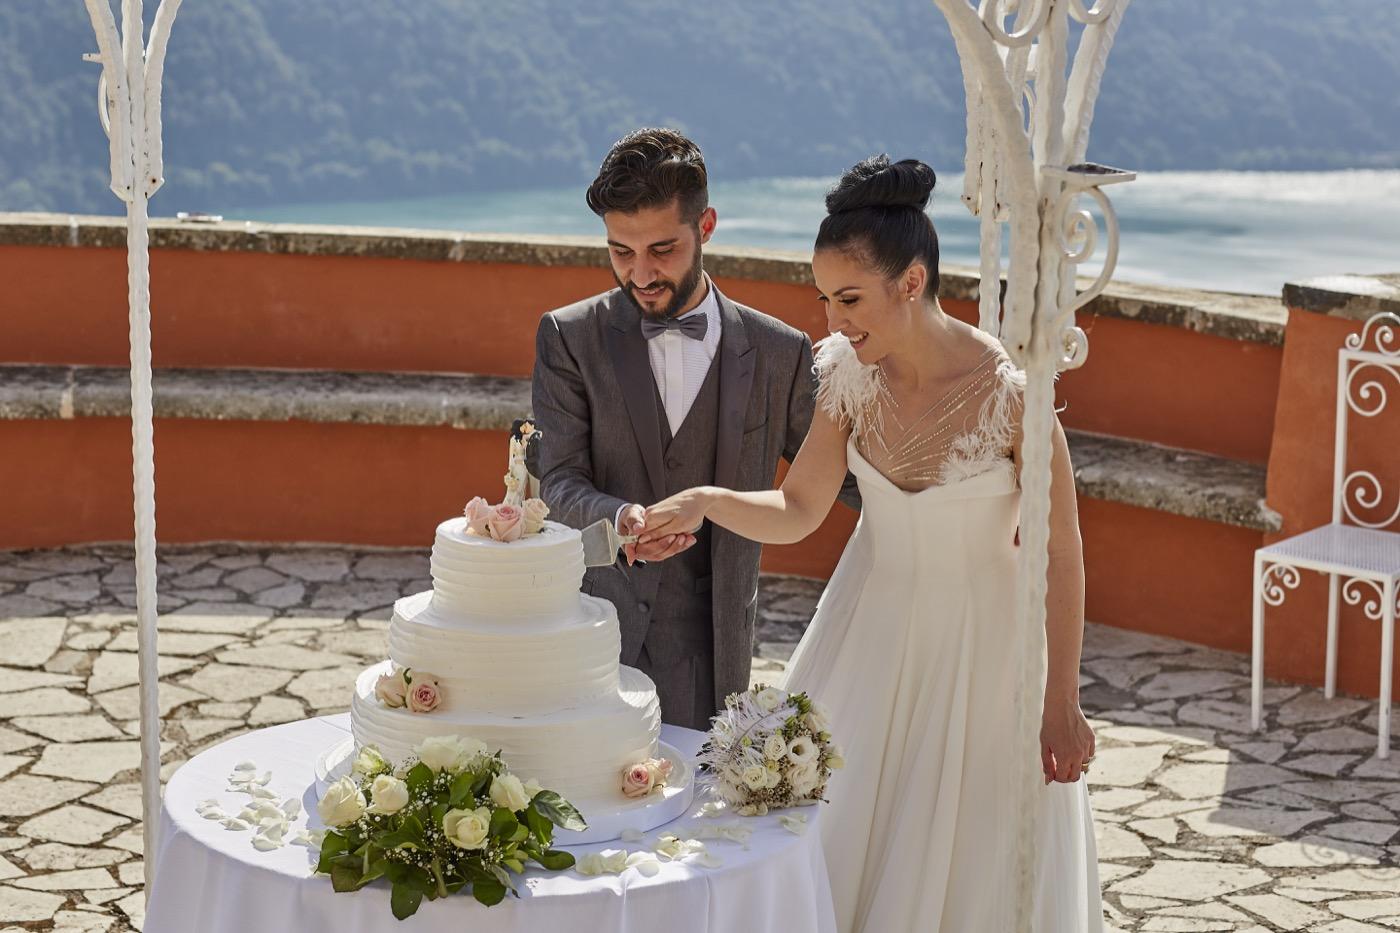 Claudio-Coppola-wedding-photographer-villa-del-cardinale-rocca-di-papa-castel-gandolfo-69